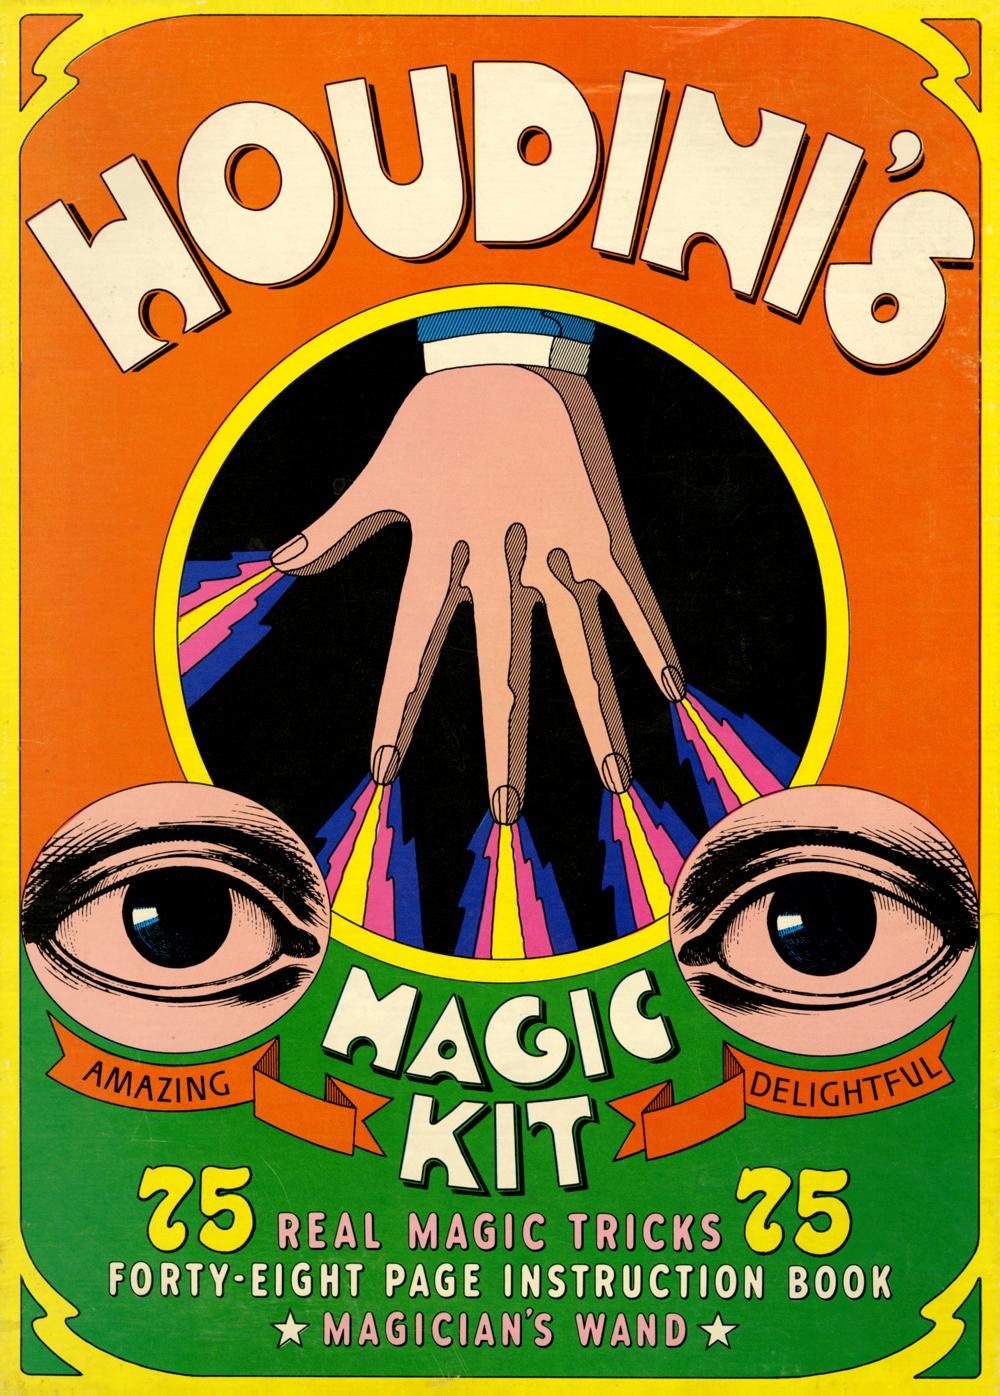 houdini-magic-kit-box_23584565198_o (1).png